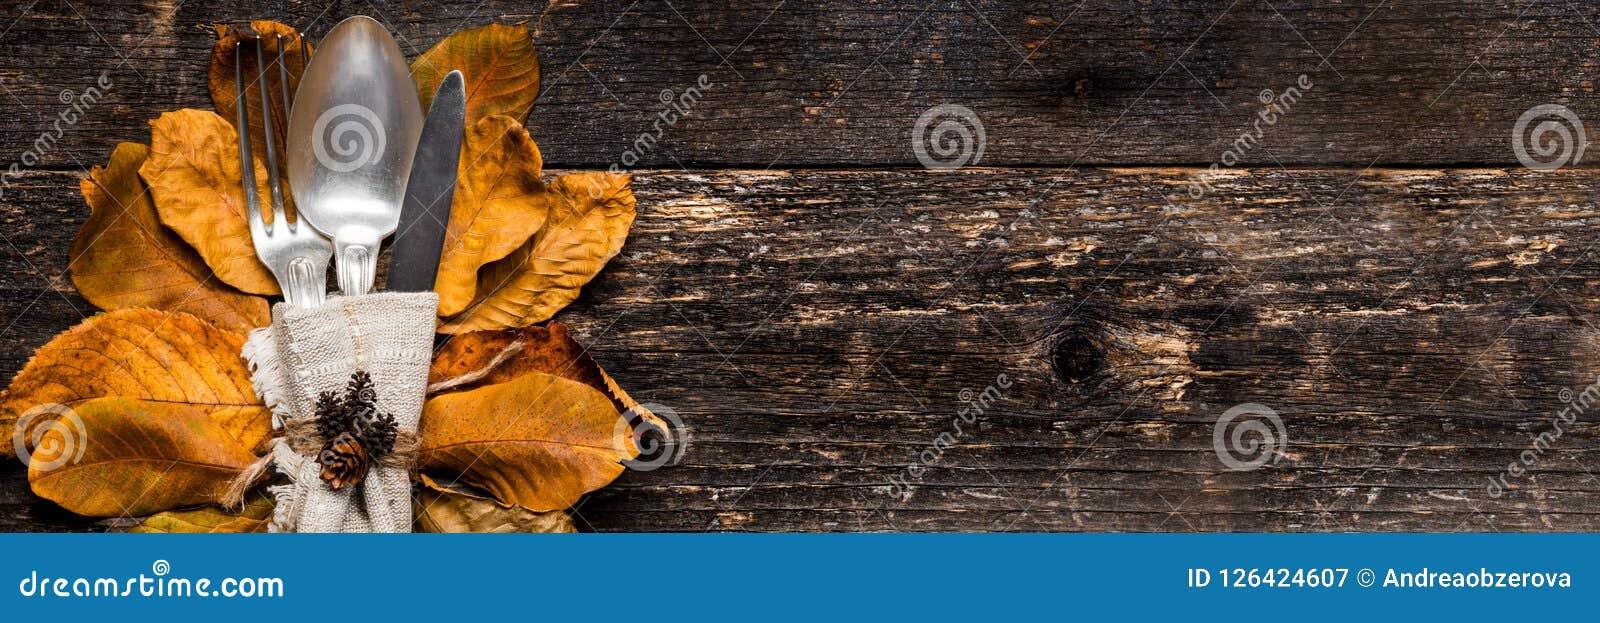 感恩膳食设置横幅 季节性桌设置 感恩秋天与利器的餐位餐具